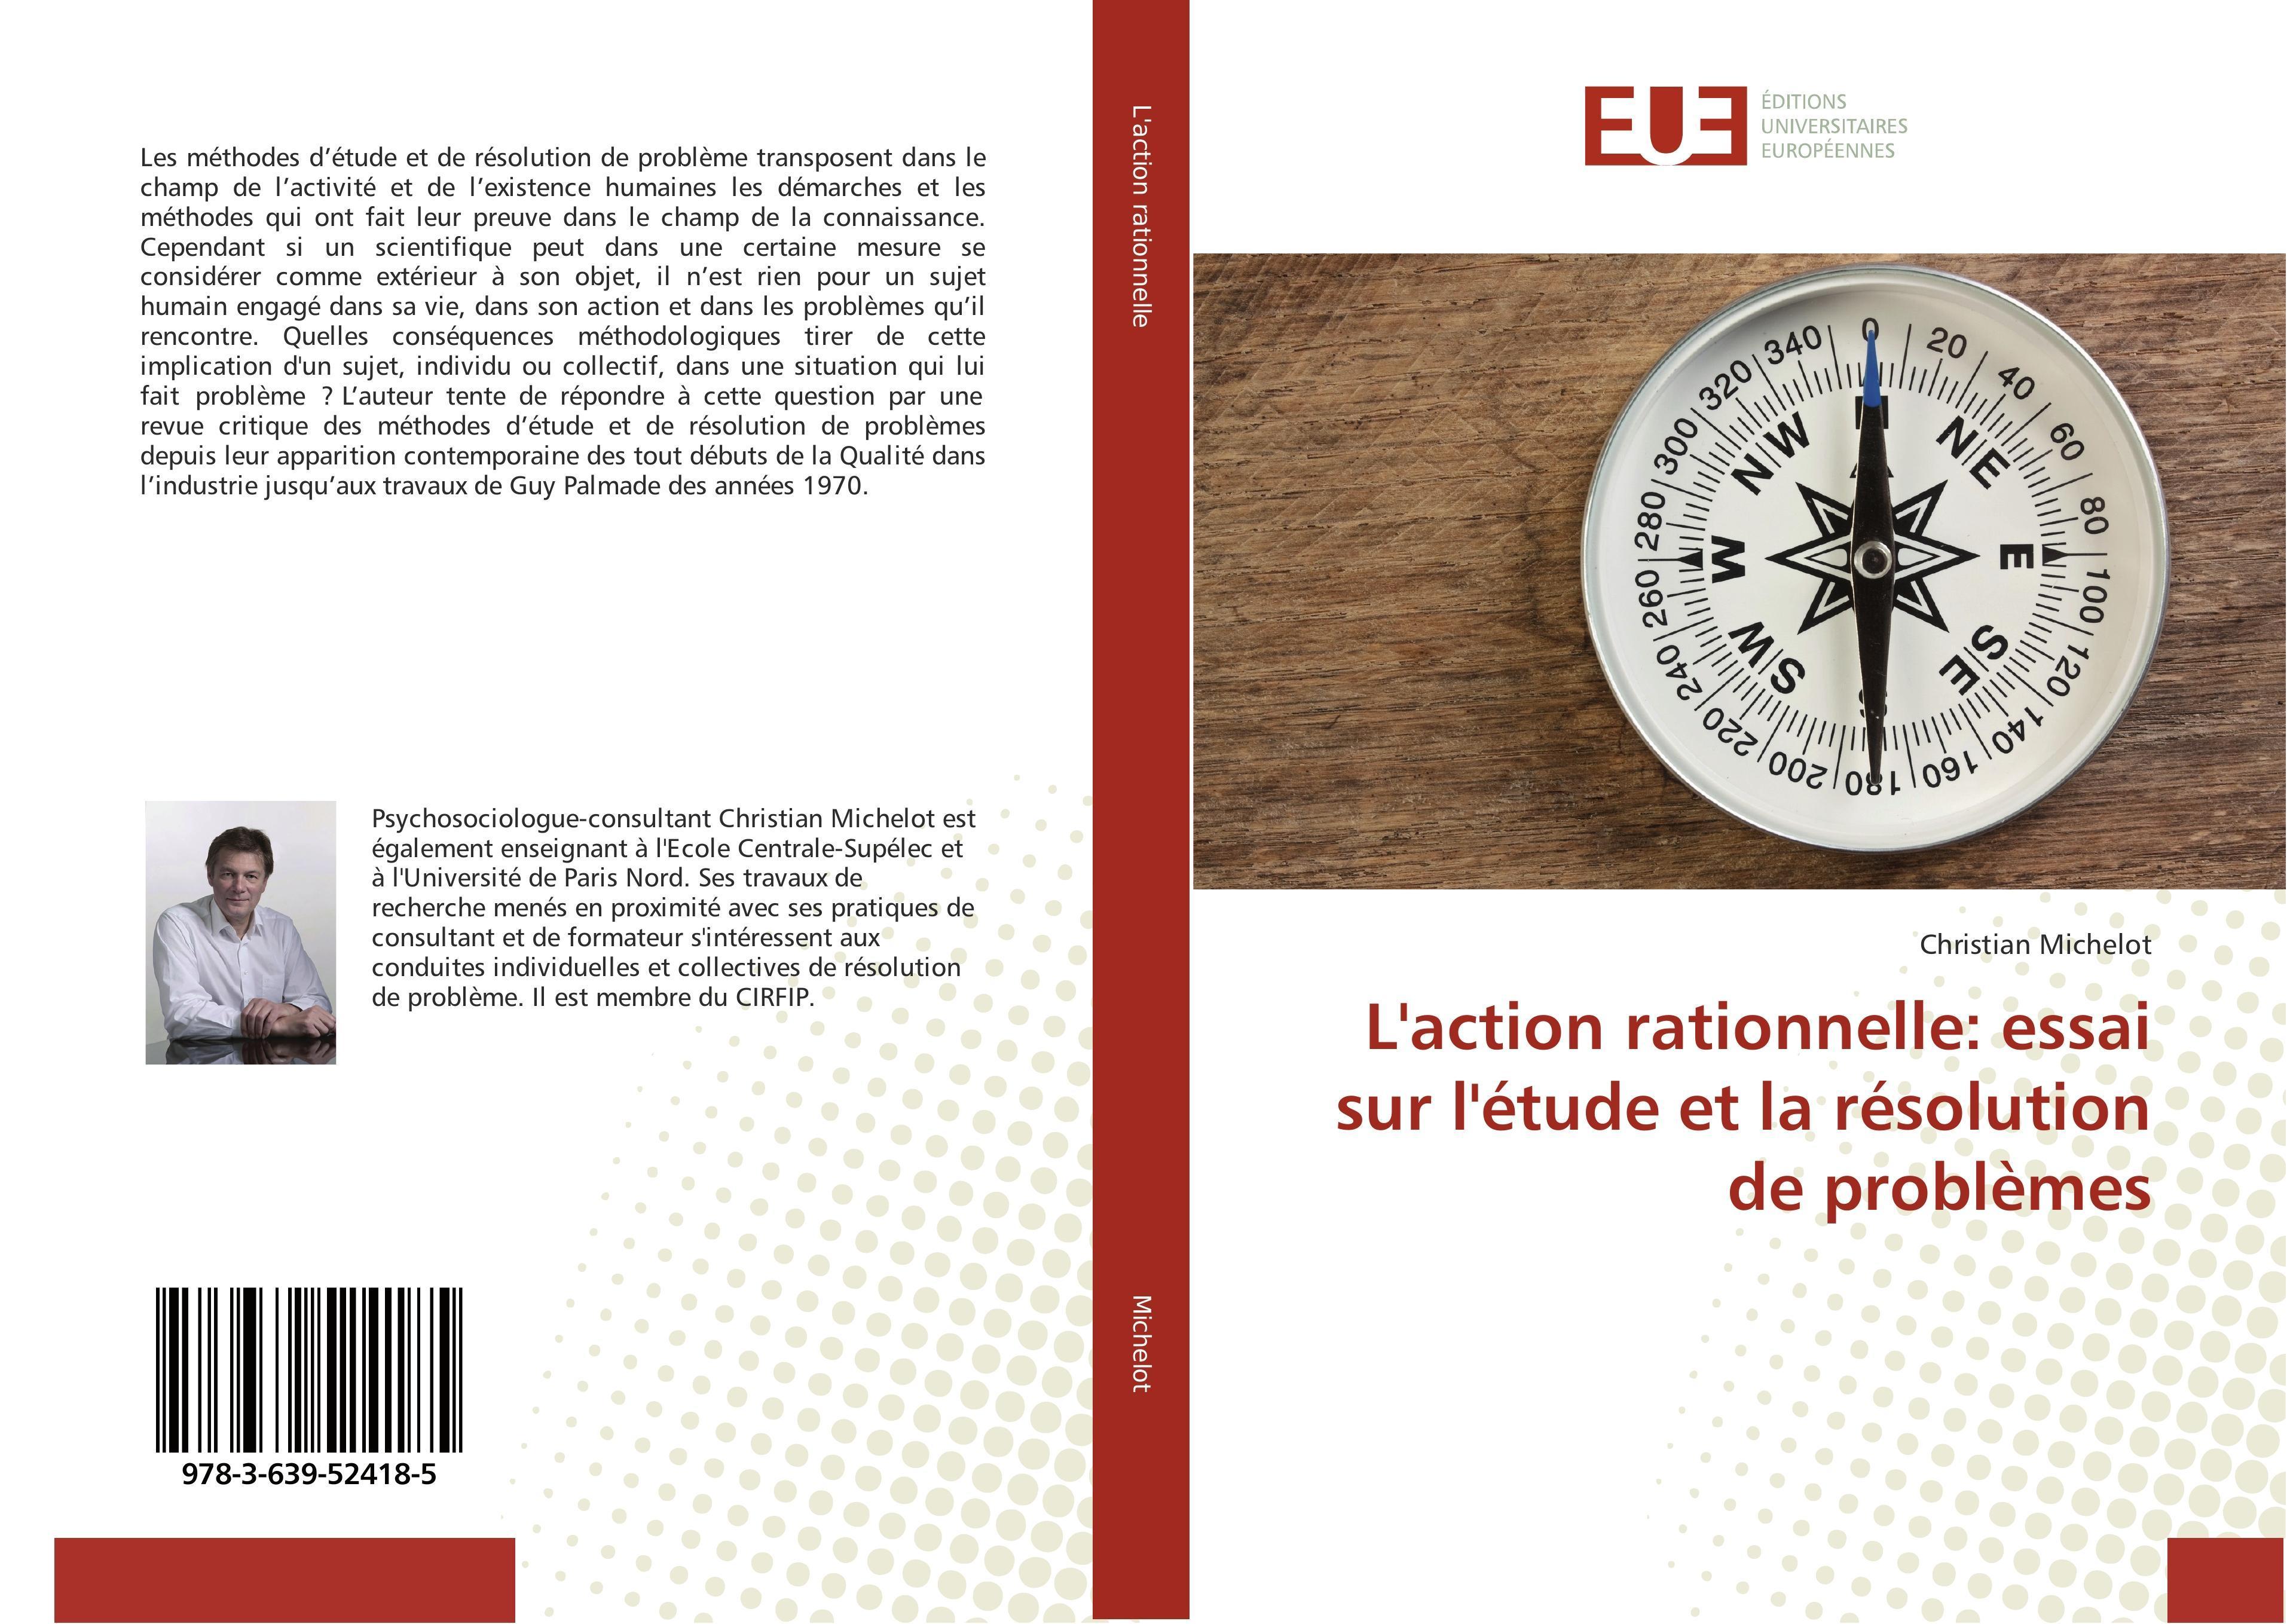 L'action rationnelle: essai sur l'étude et la résolution de  ... 9783639524185